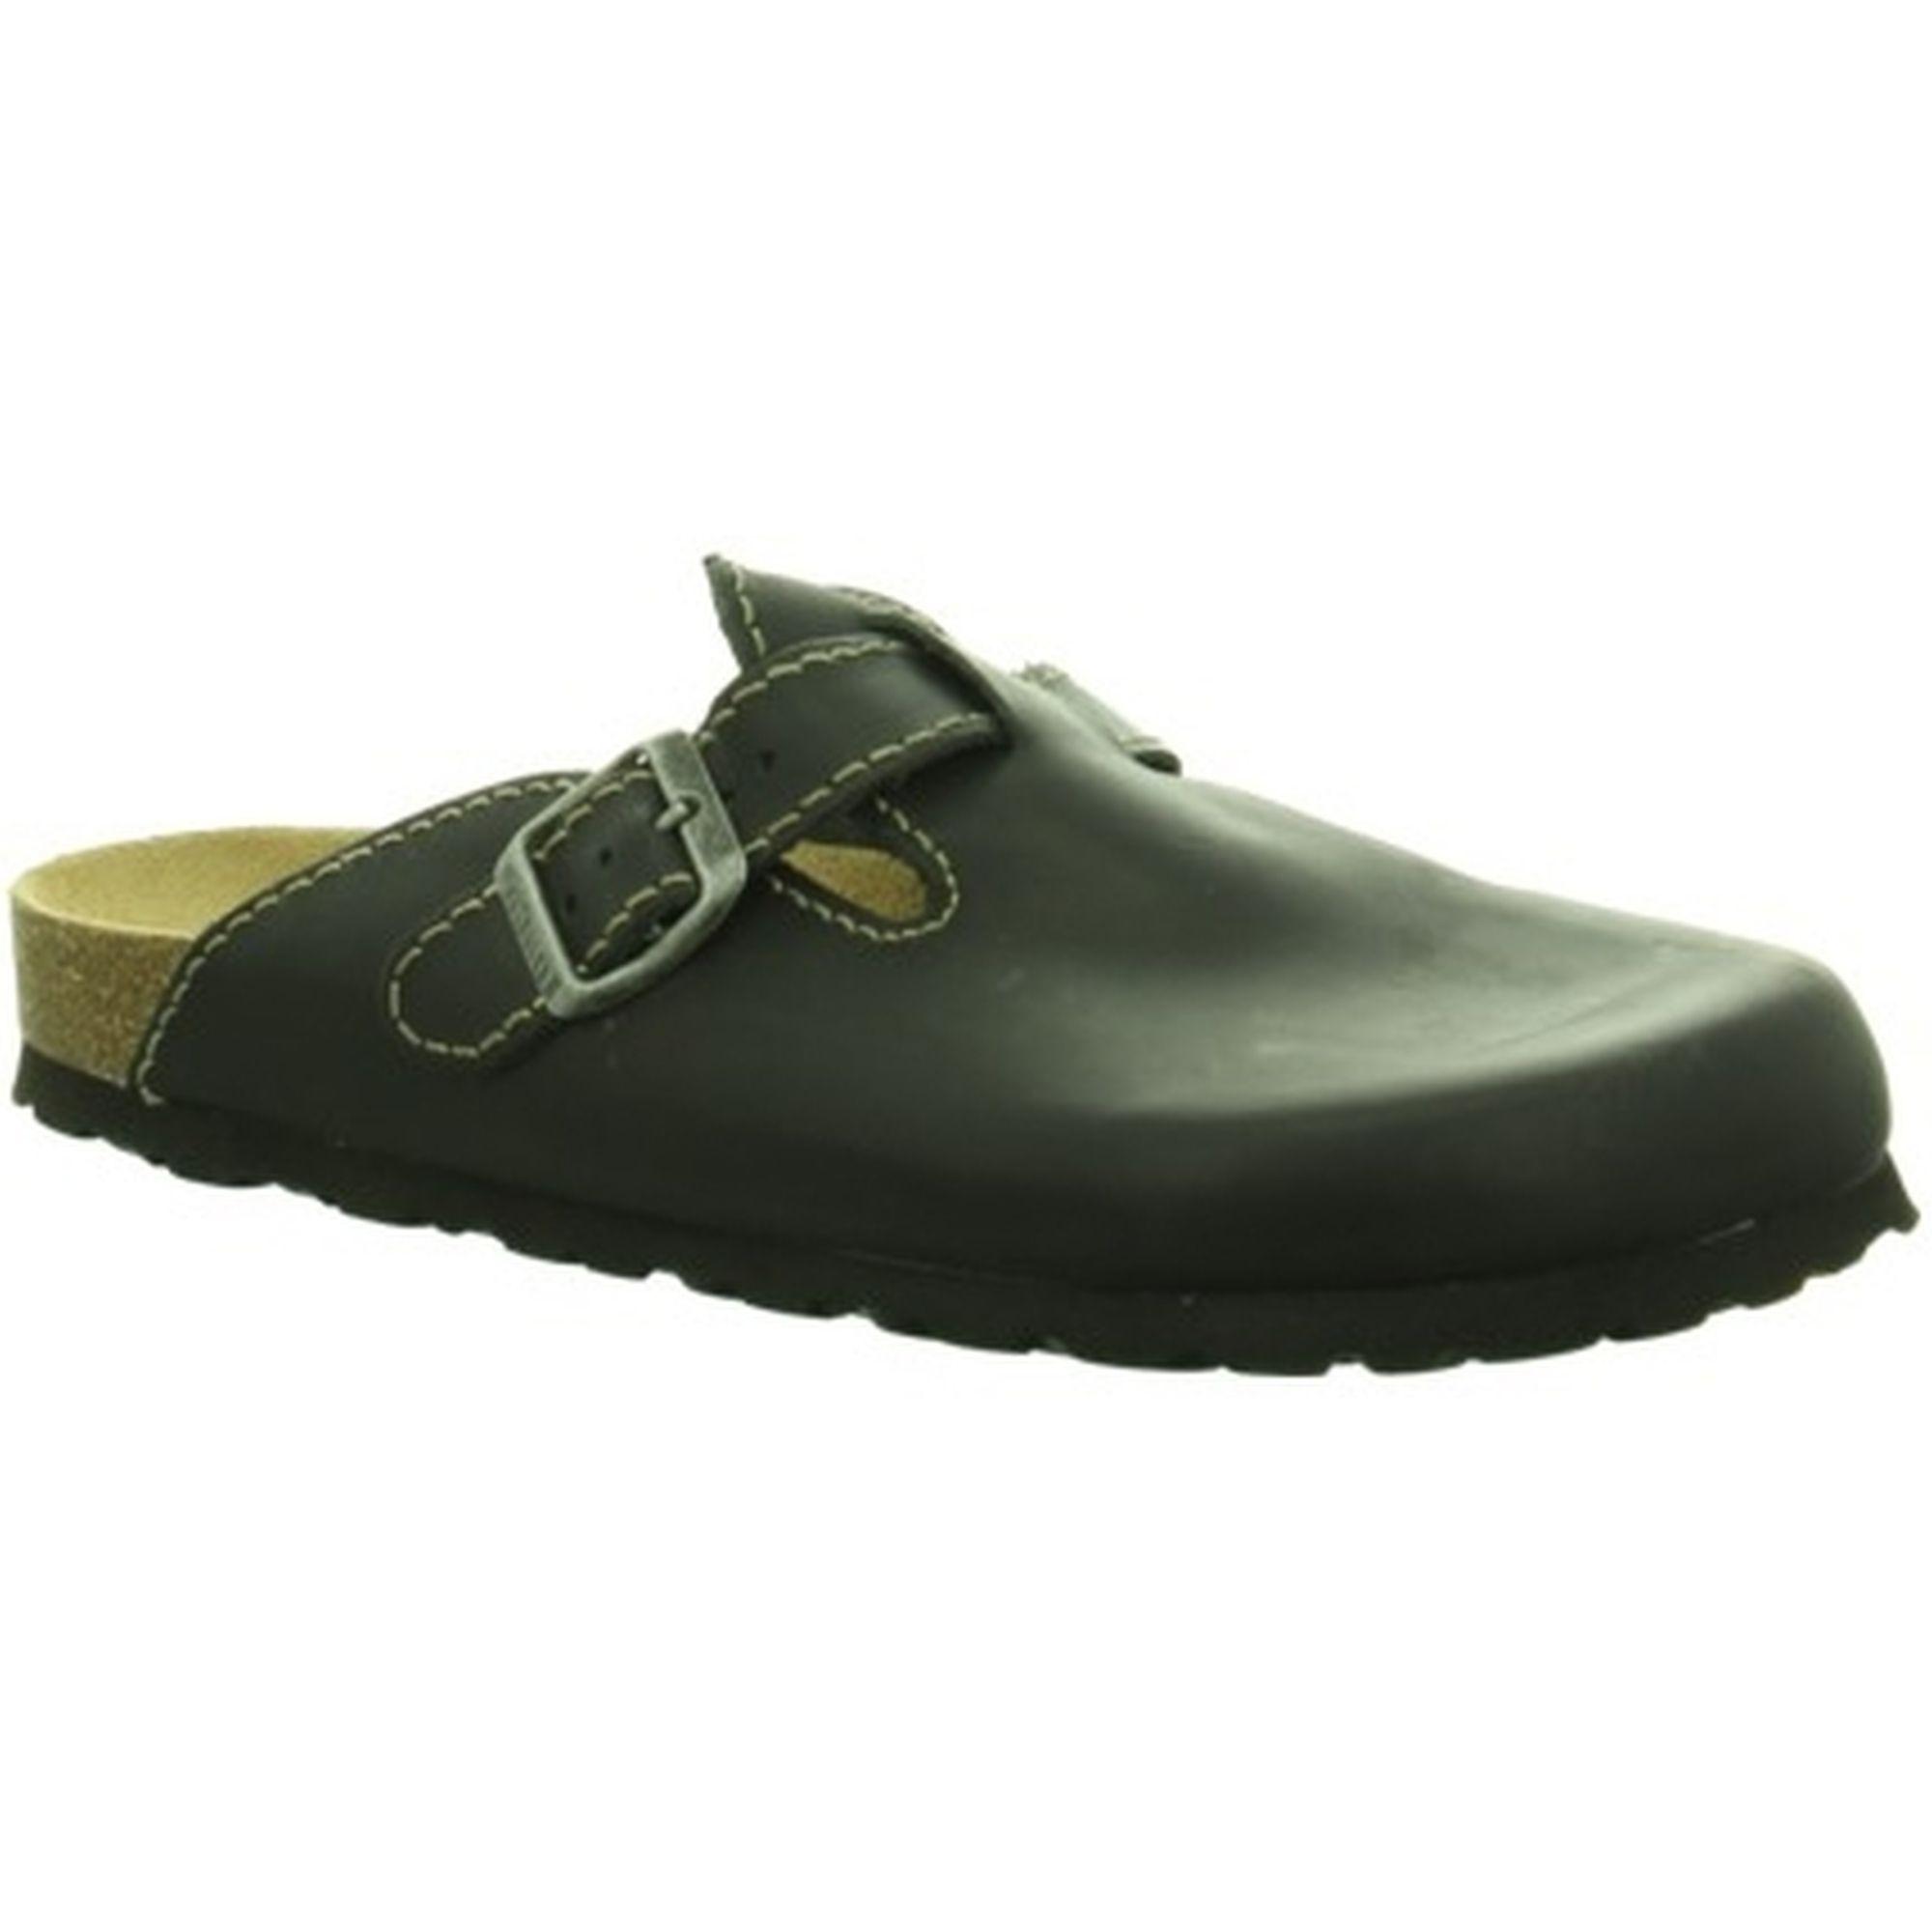 Longo - Herren Pantolette der Marke Longo - schwarz - 1006530 - EU=44 5cx2Lf